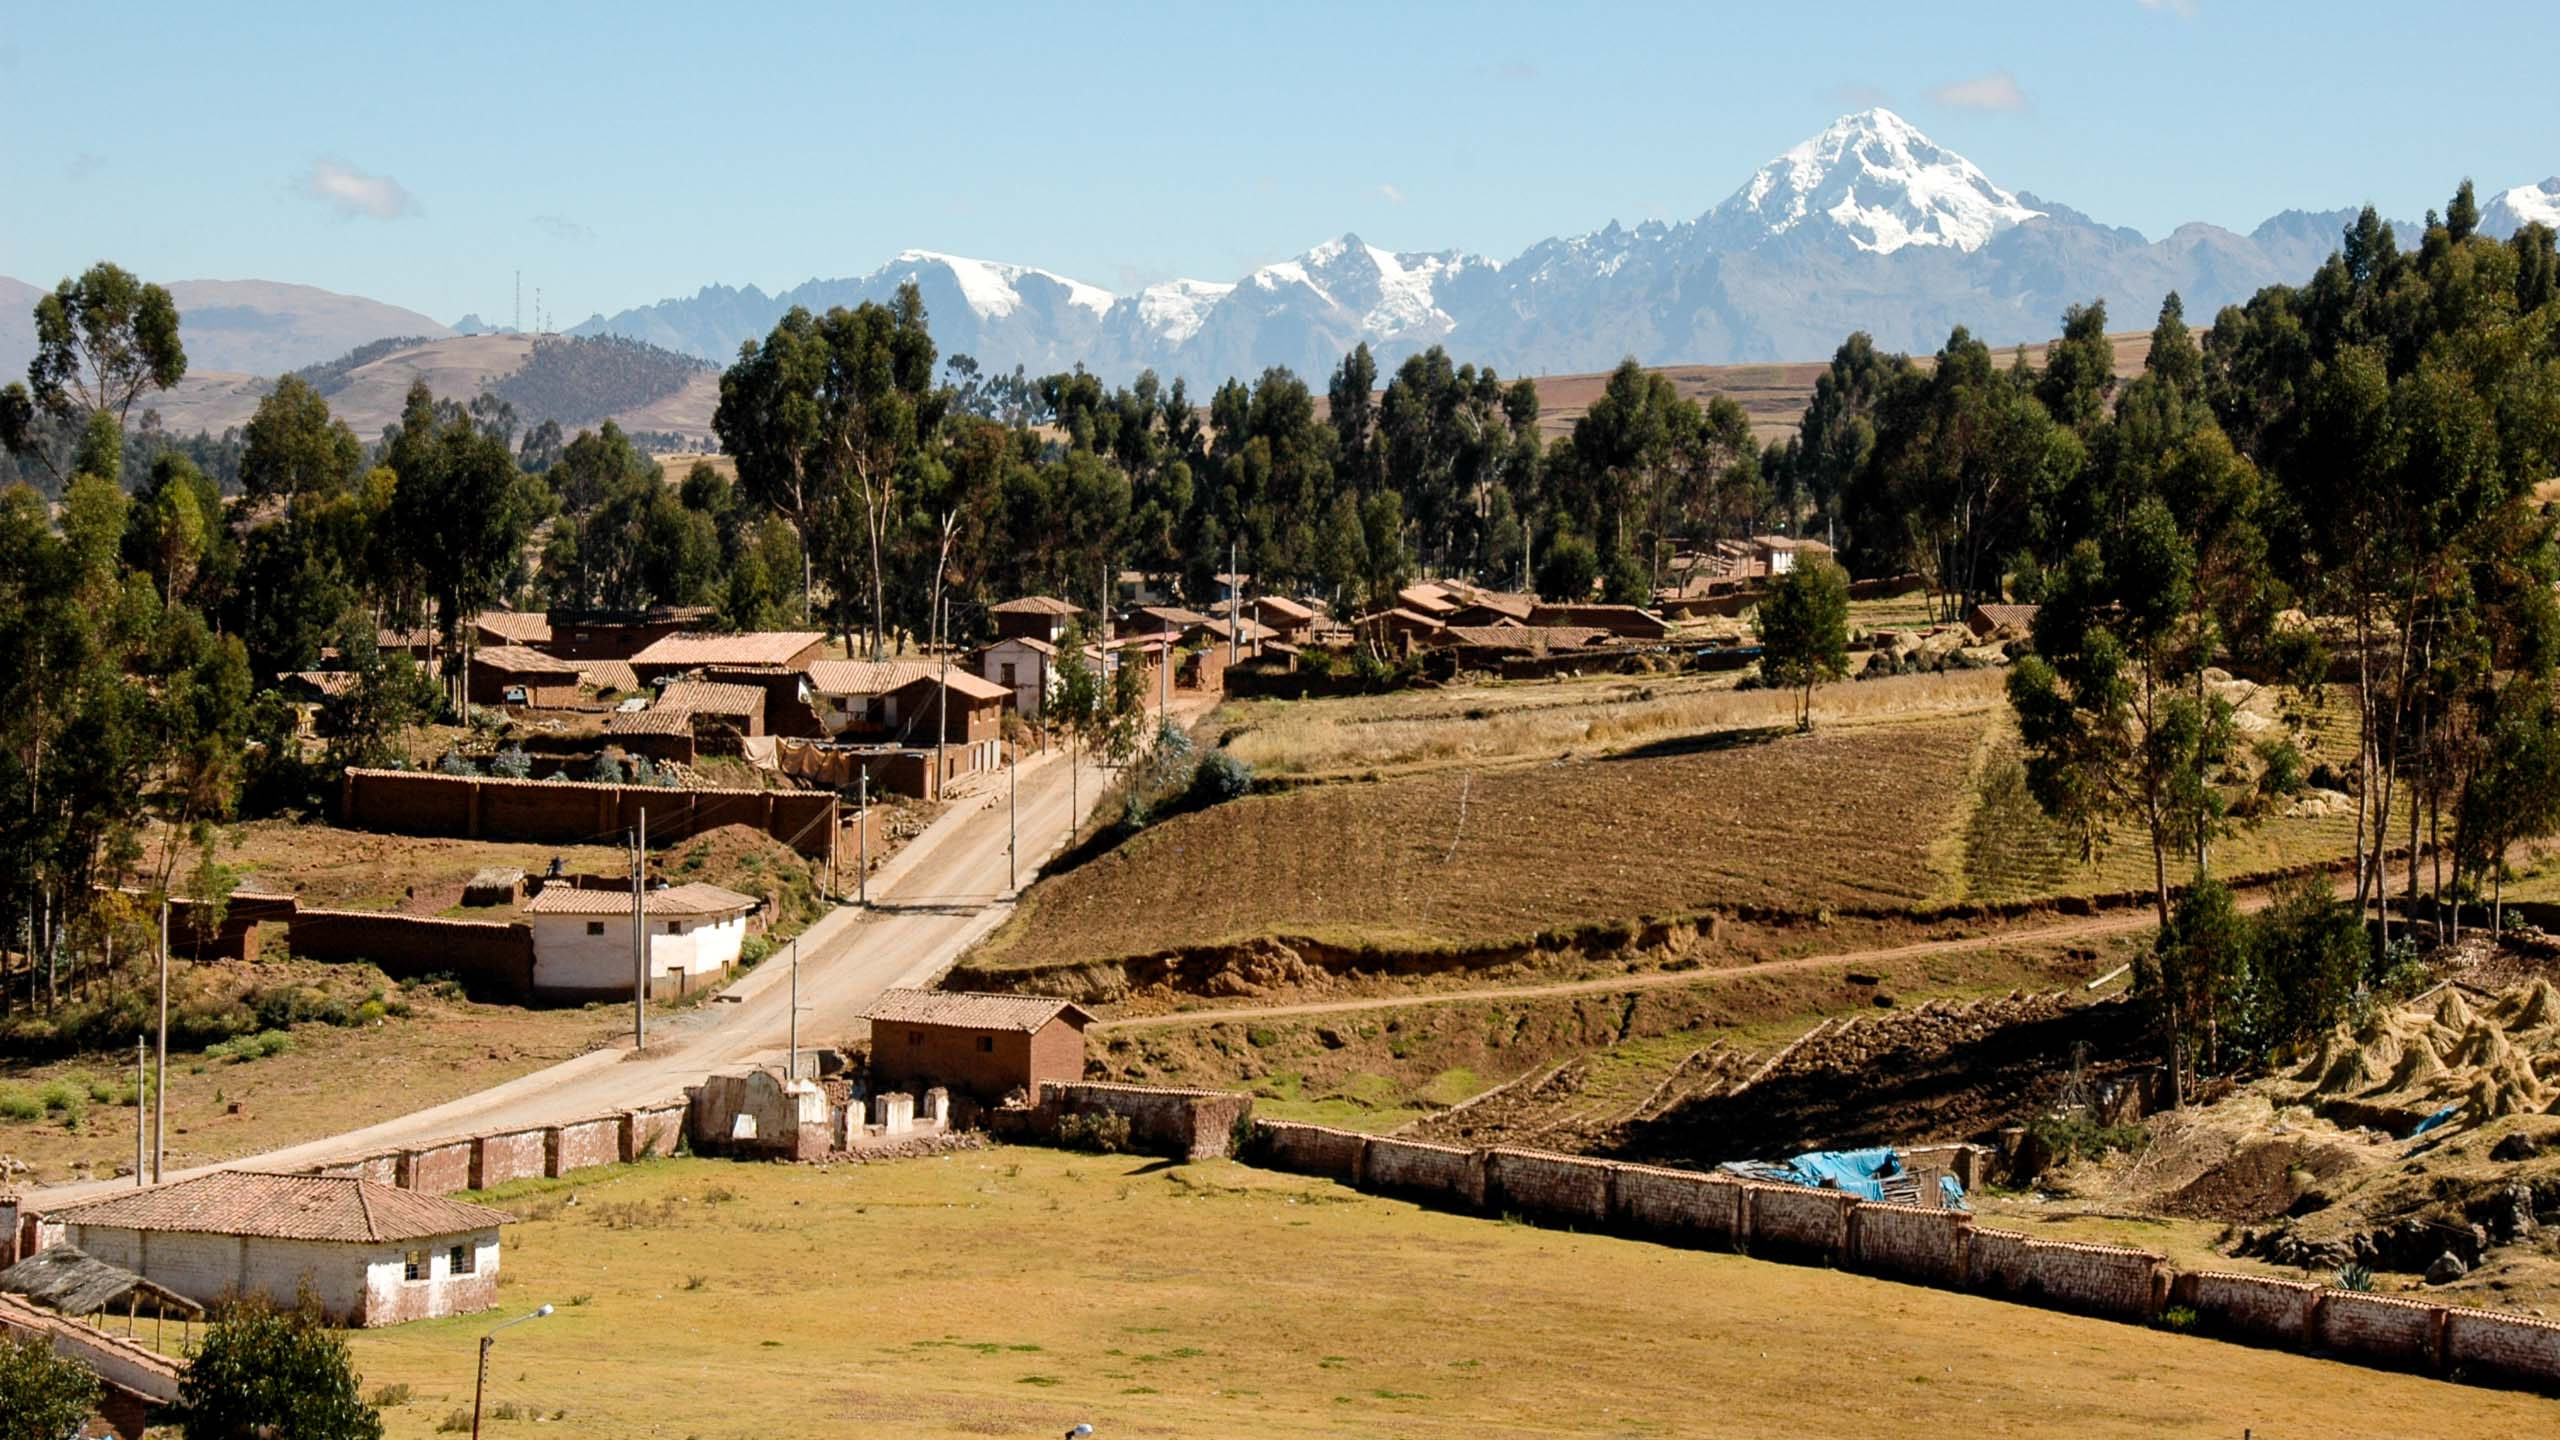 Road through valley in Peru